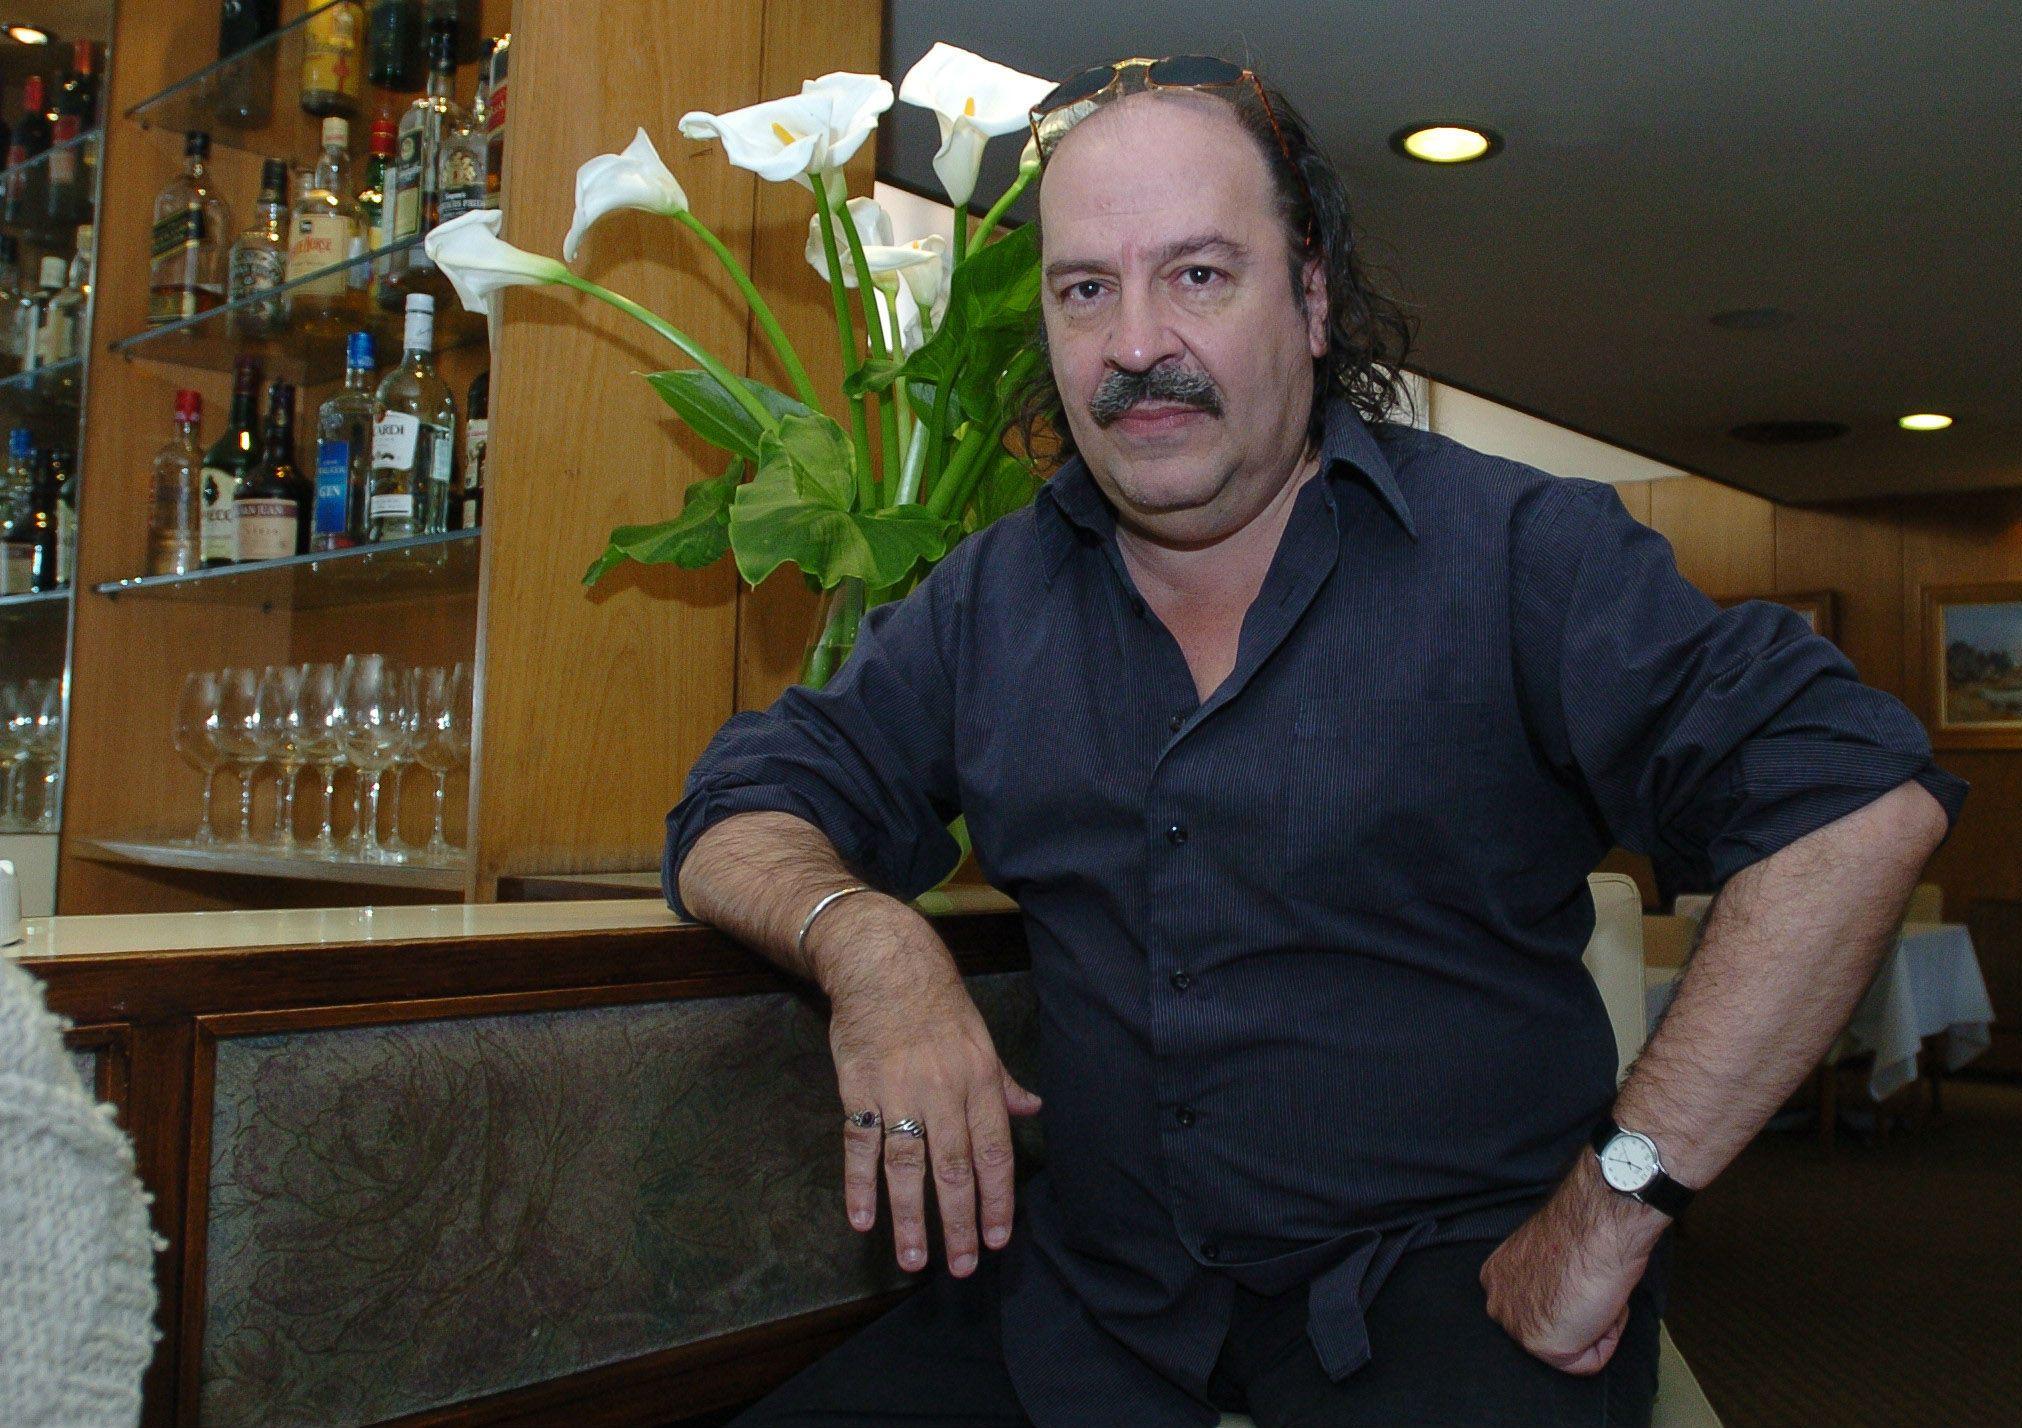 Lito Nebbia sufrió una descompensación cuando se encontraba en Uruguay y fue internado para su atención médica.